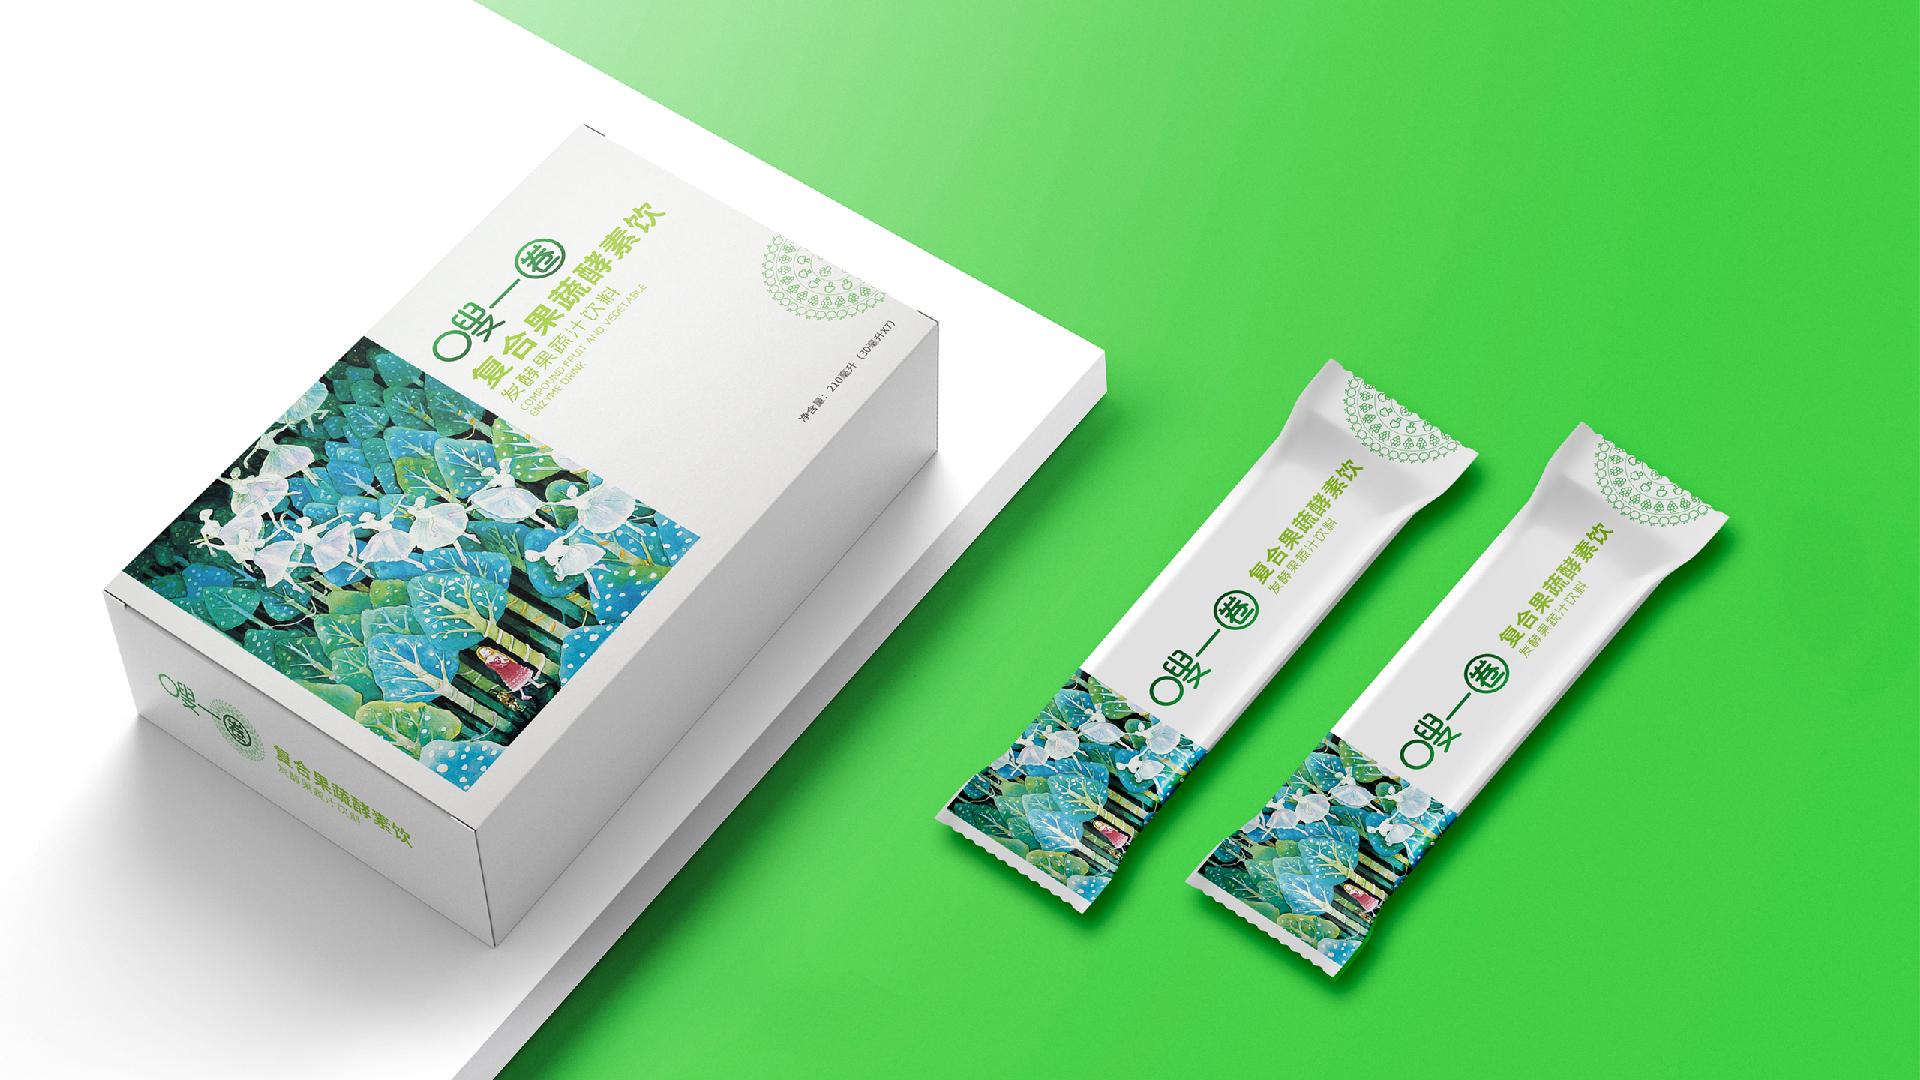 嗖一圈果蔬酵素产品包装设计 套装礼盒包装